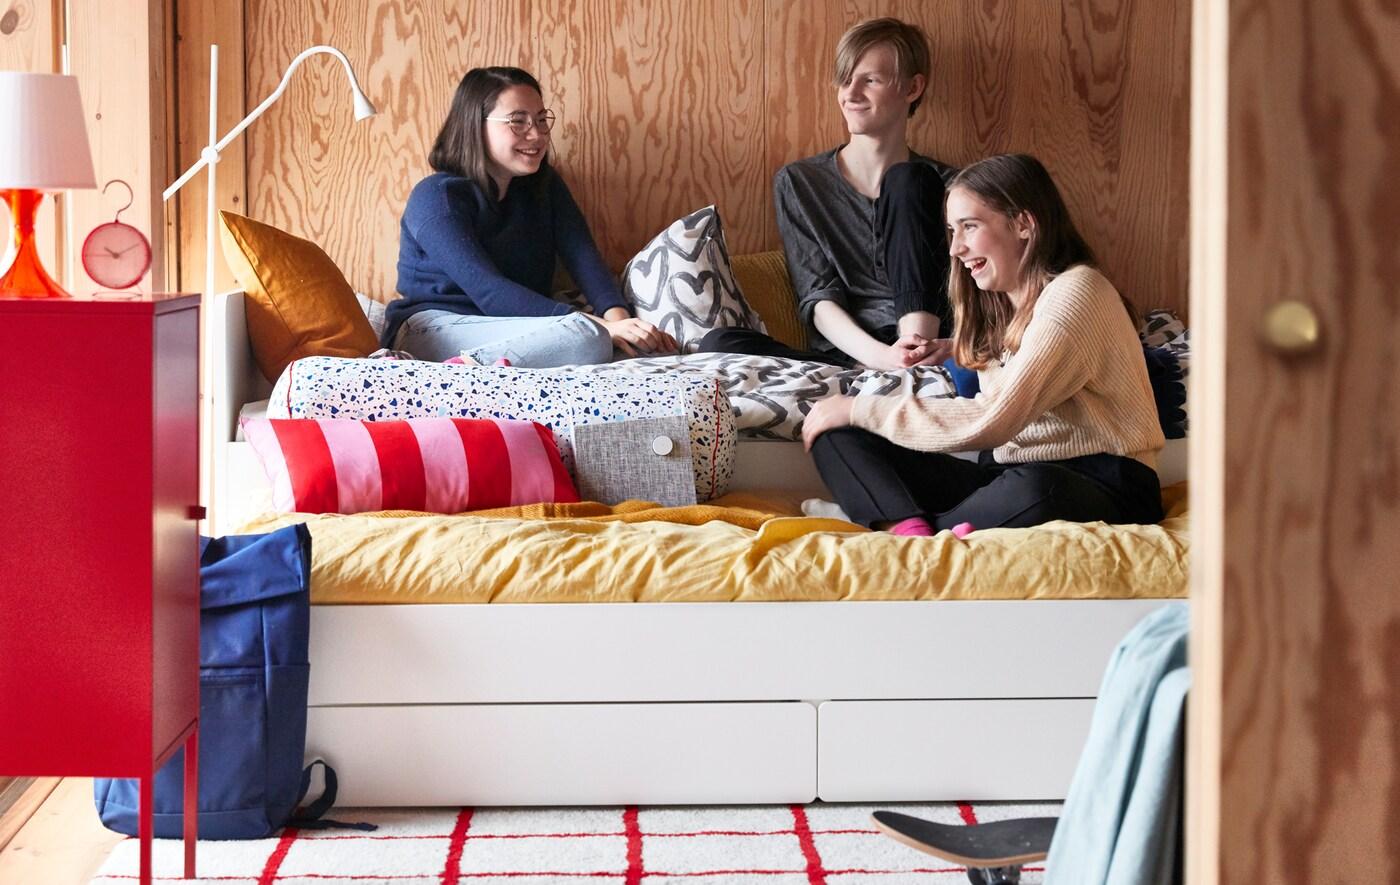 Skupina tinejdžera razgovara i sjedi zajedno na produljivom SLÄKT krevetu u spavaćoj sobi s drvenim oblogama.